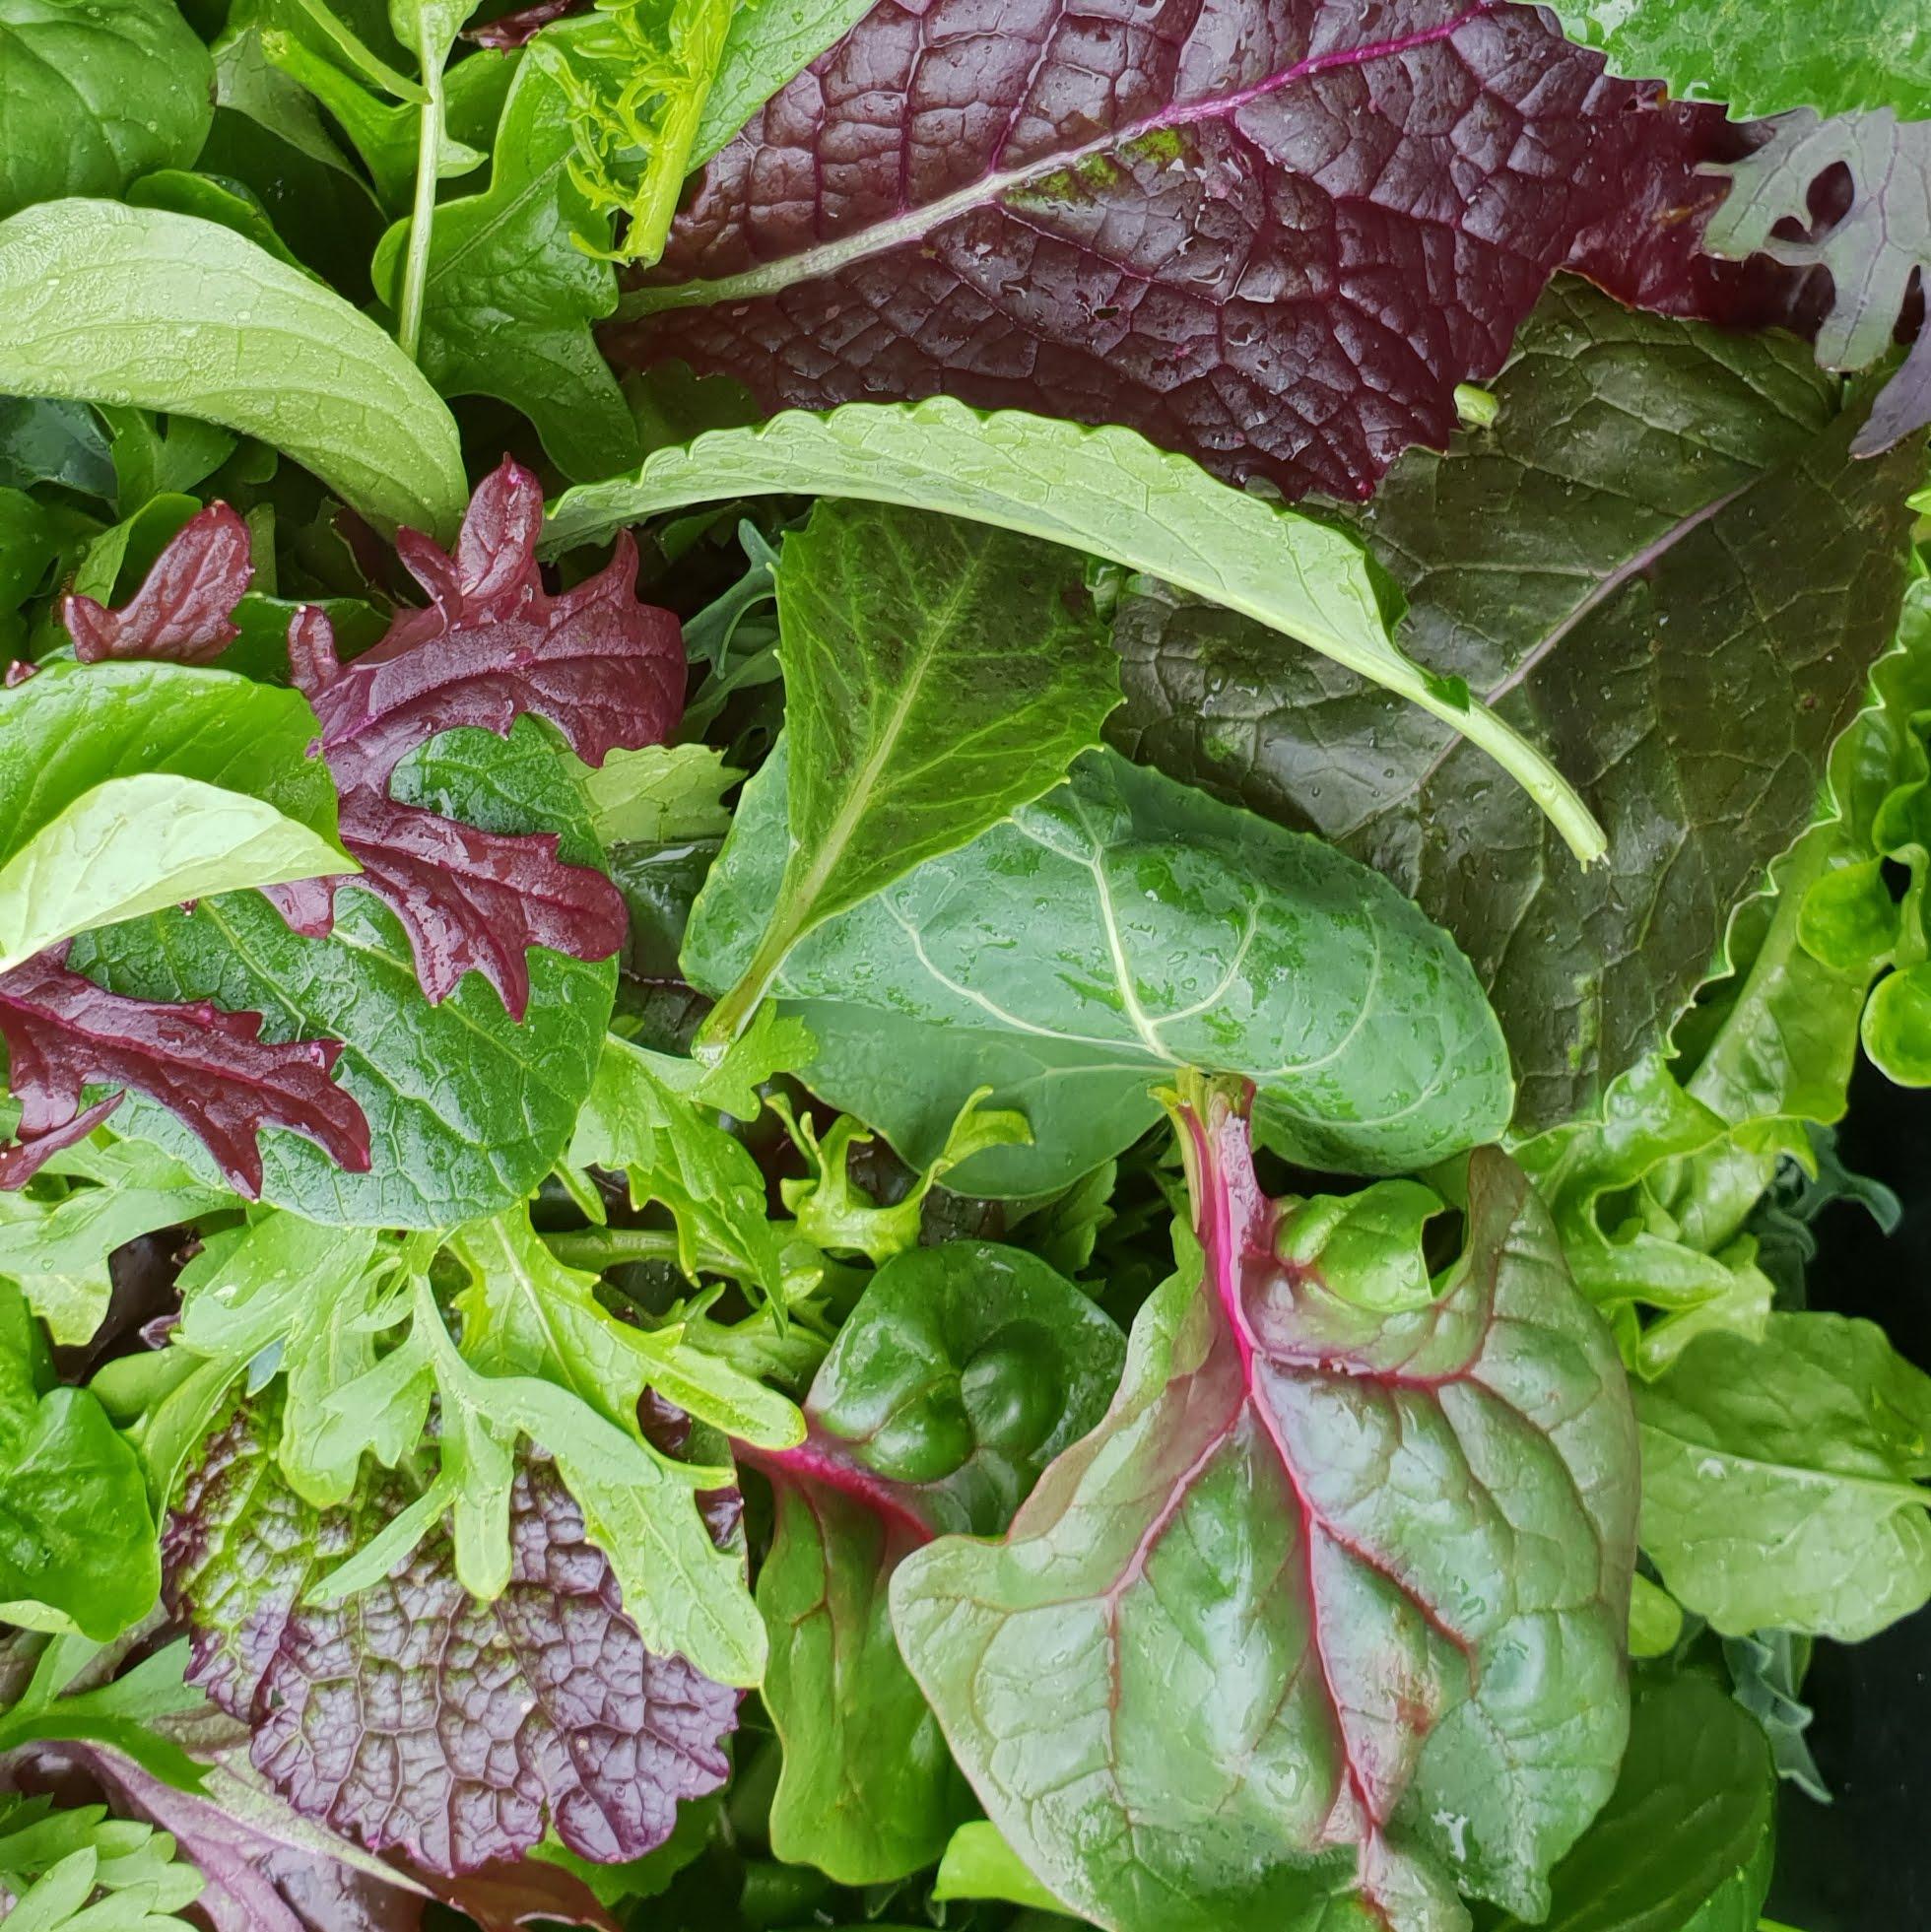 Salatmischungen im Herbst sind gesund, voller Geschmack und farbenfroh